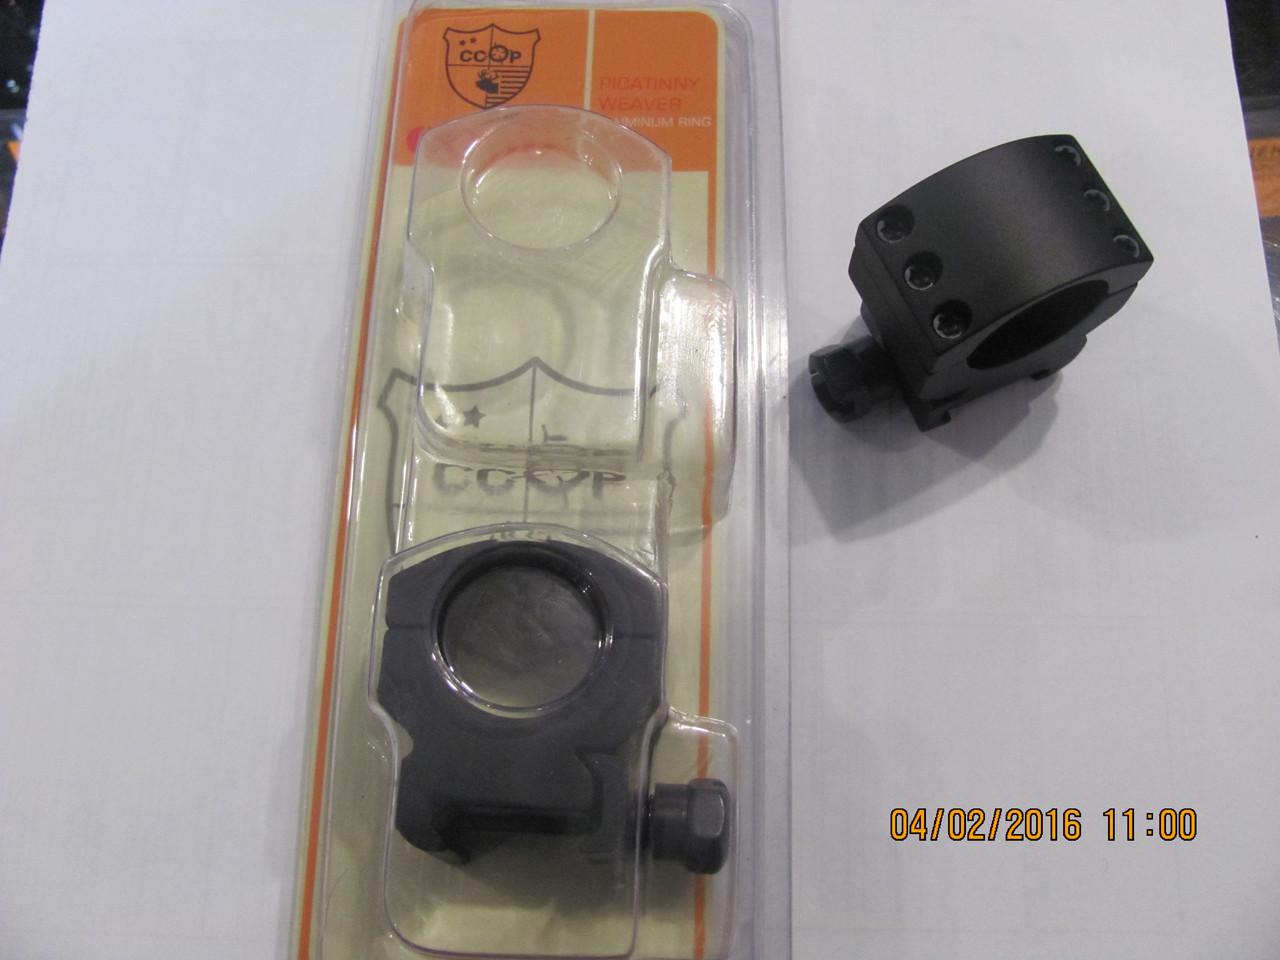 Кольца  ССОР 25 мм  для крепления оптики на вивер, усиленные, высокоточные, средние